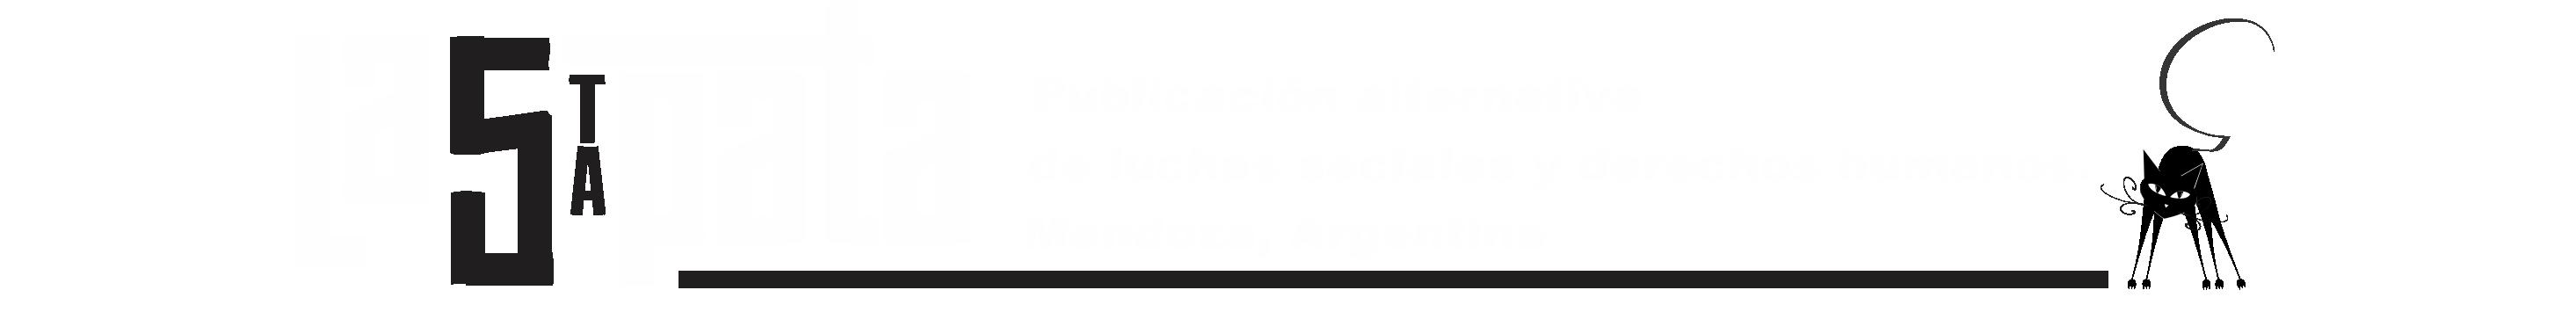 Publicación alternativa de luchas sociales y derechos humanos